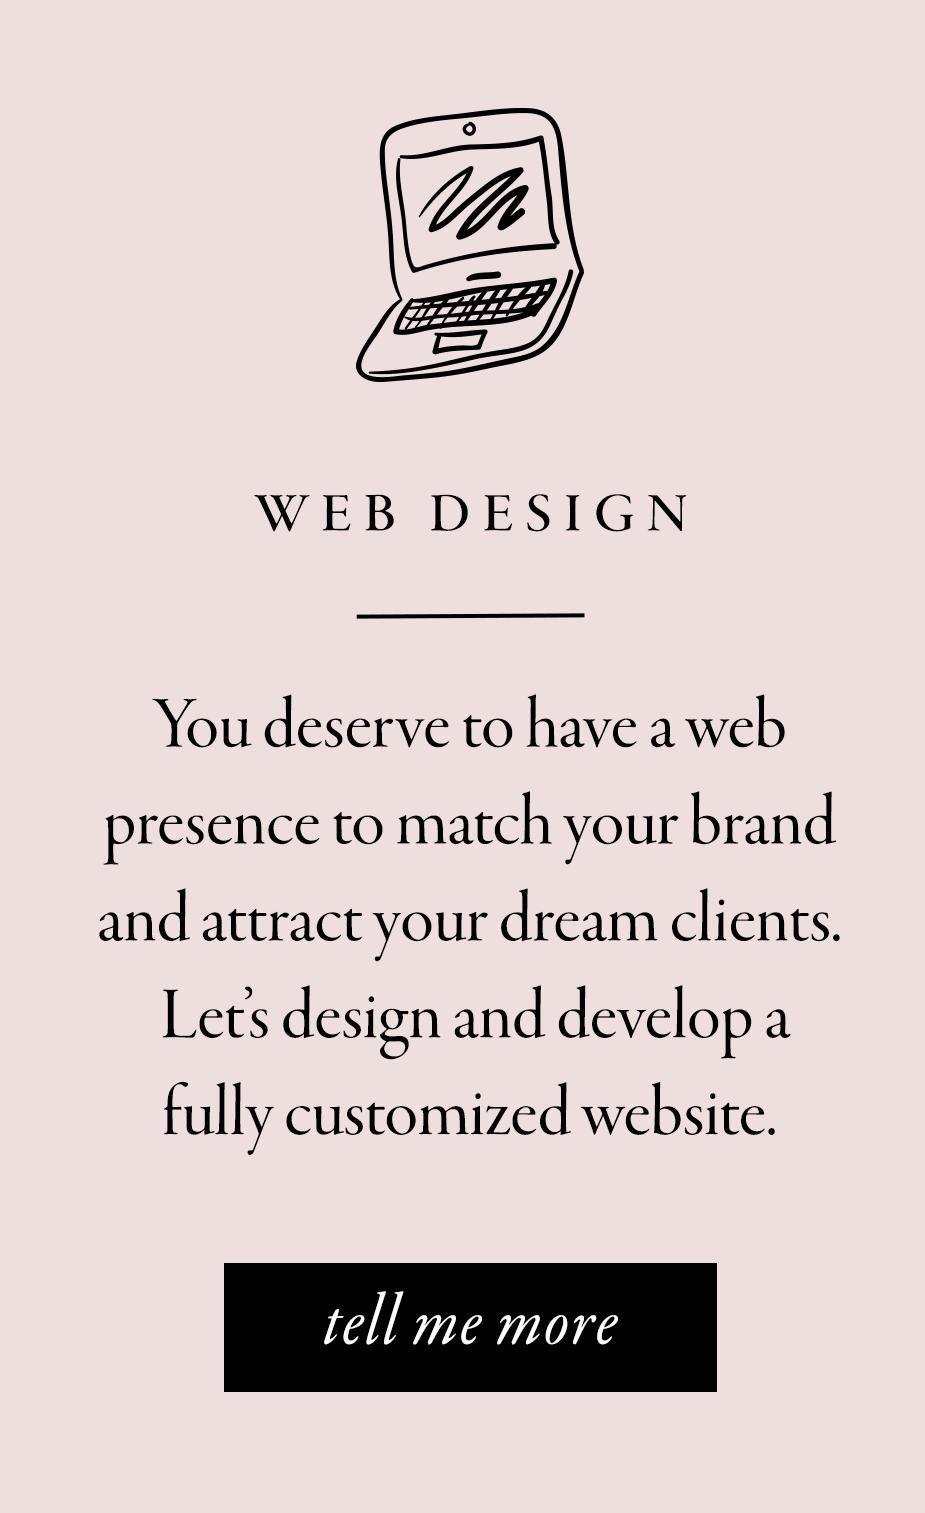 2webdesign.png